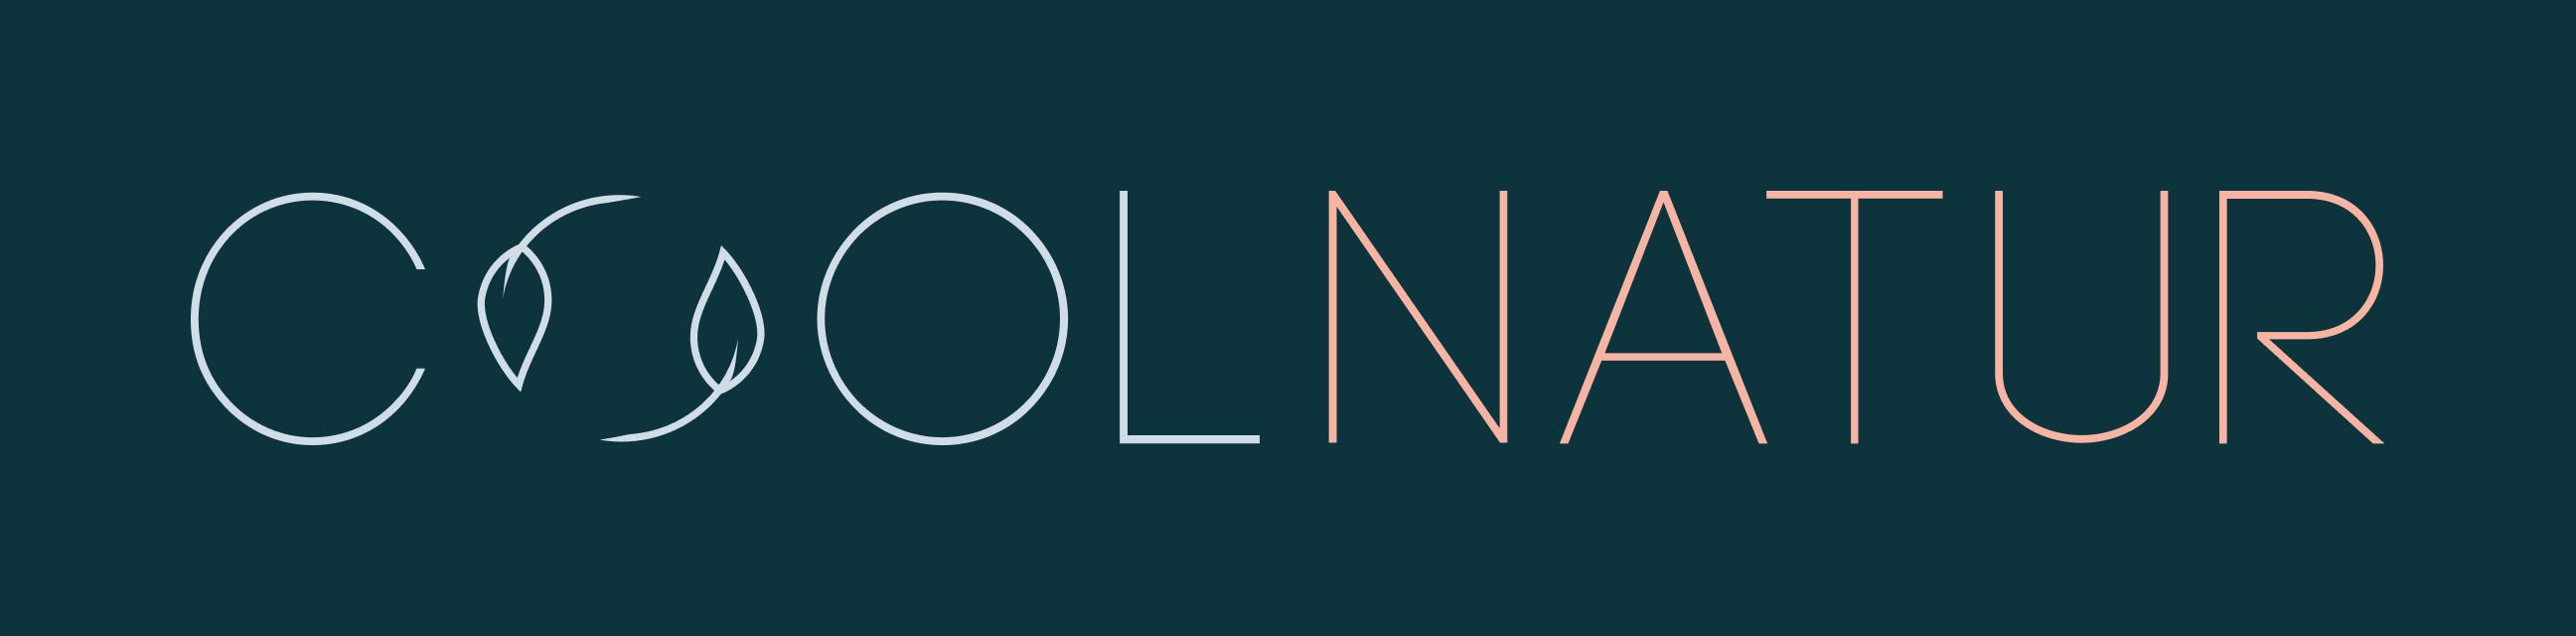 CoolNatur